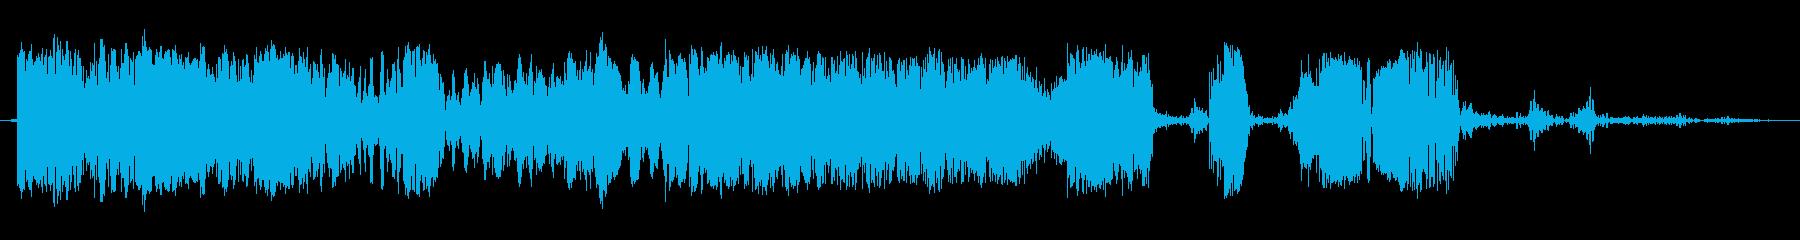 スクラッチカットトランジション1の再生済みの波形